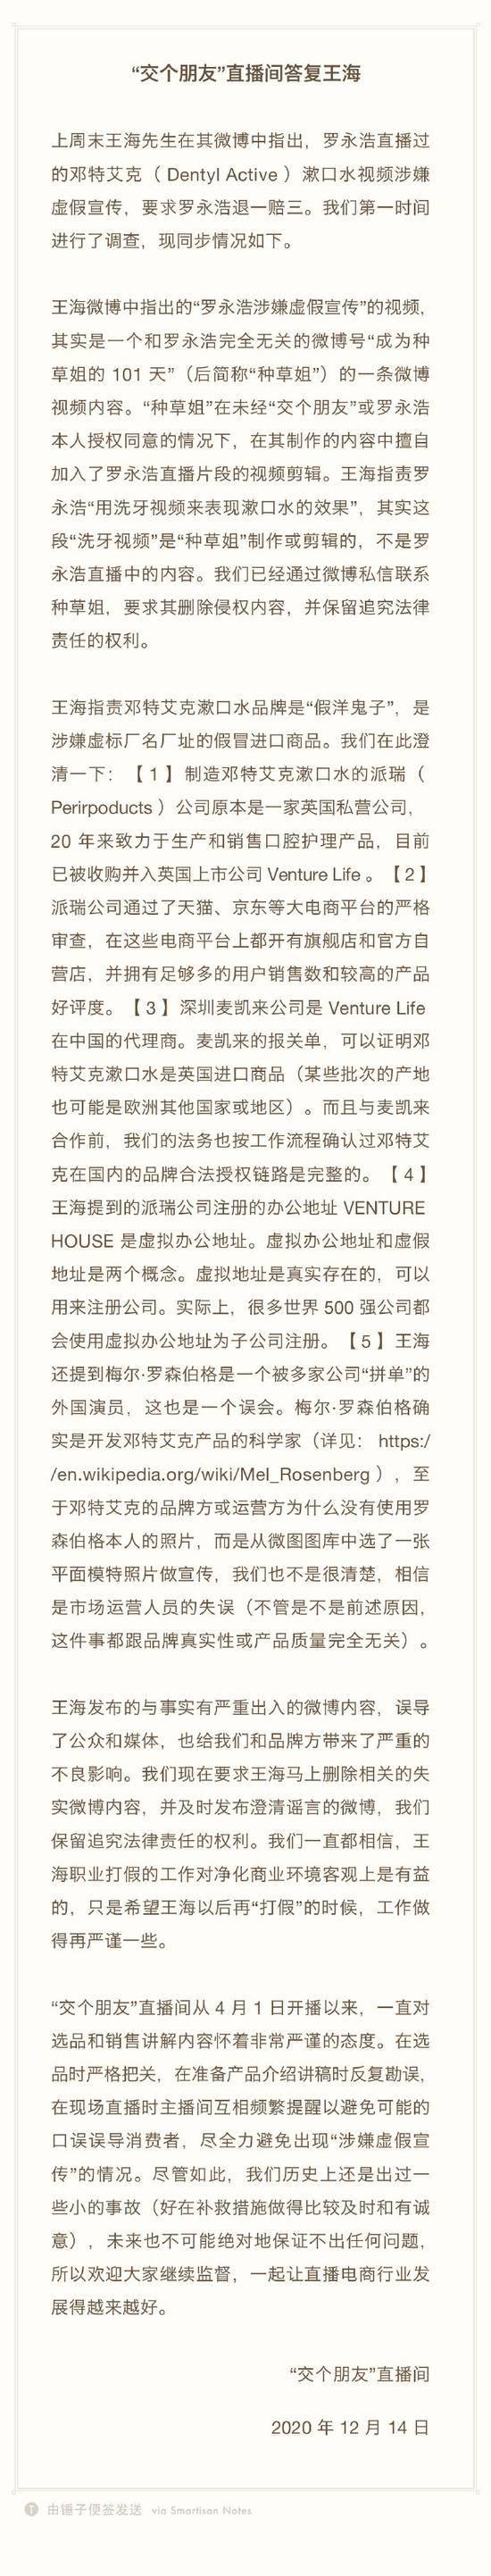 """""""交个朋友""""直播间:罗永浩涉嫌虚假宣传视频是二次剪辑拼凑"""